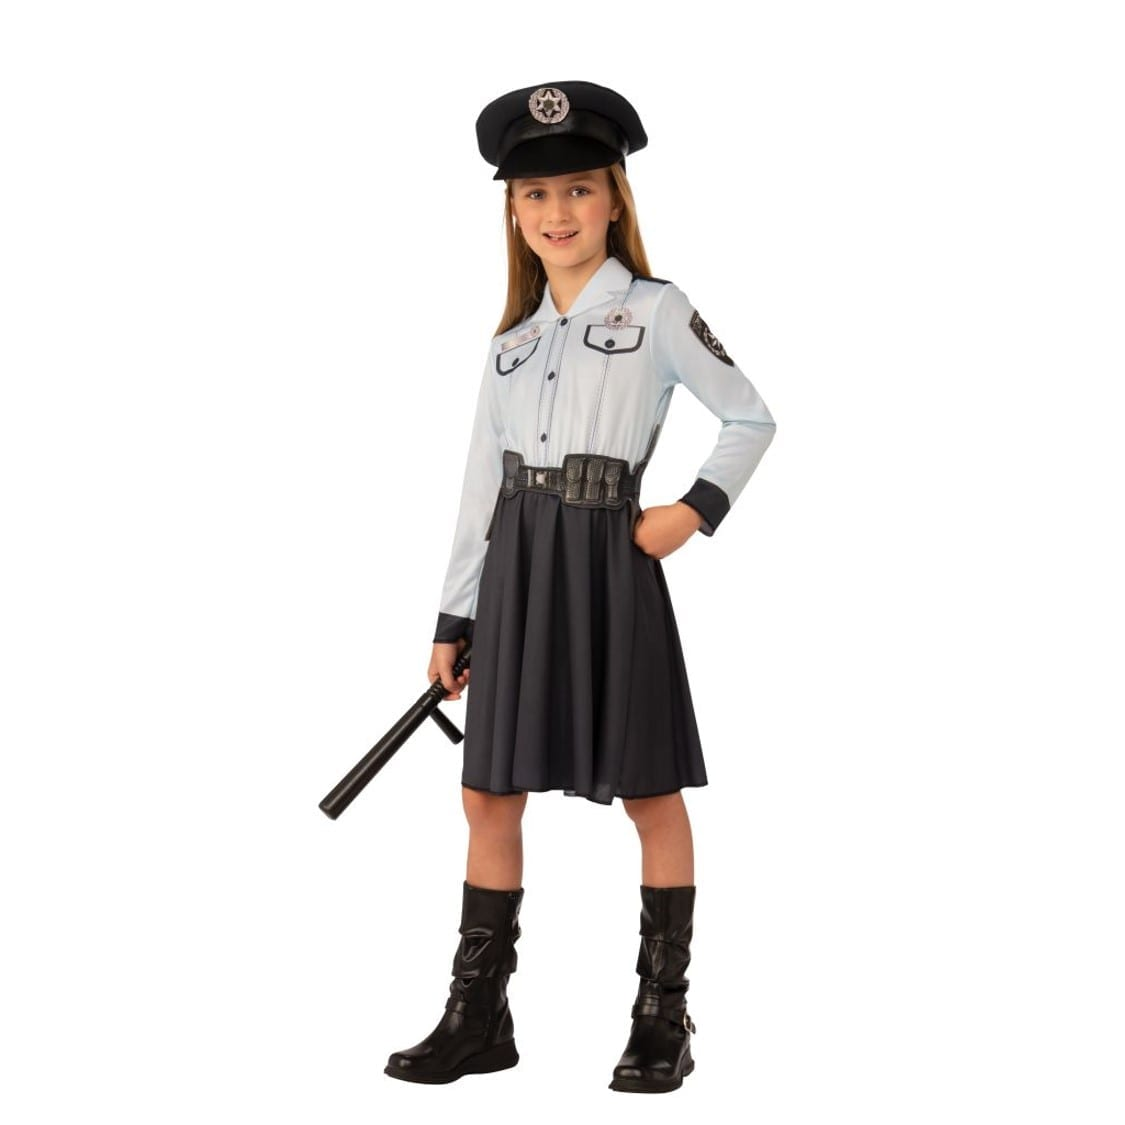 תחפושת שוטרת ישראלית לילדות – פורים רוביס